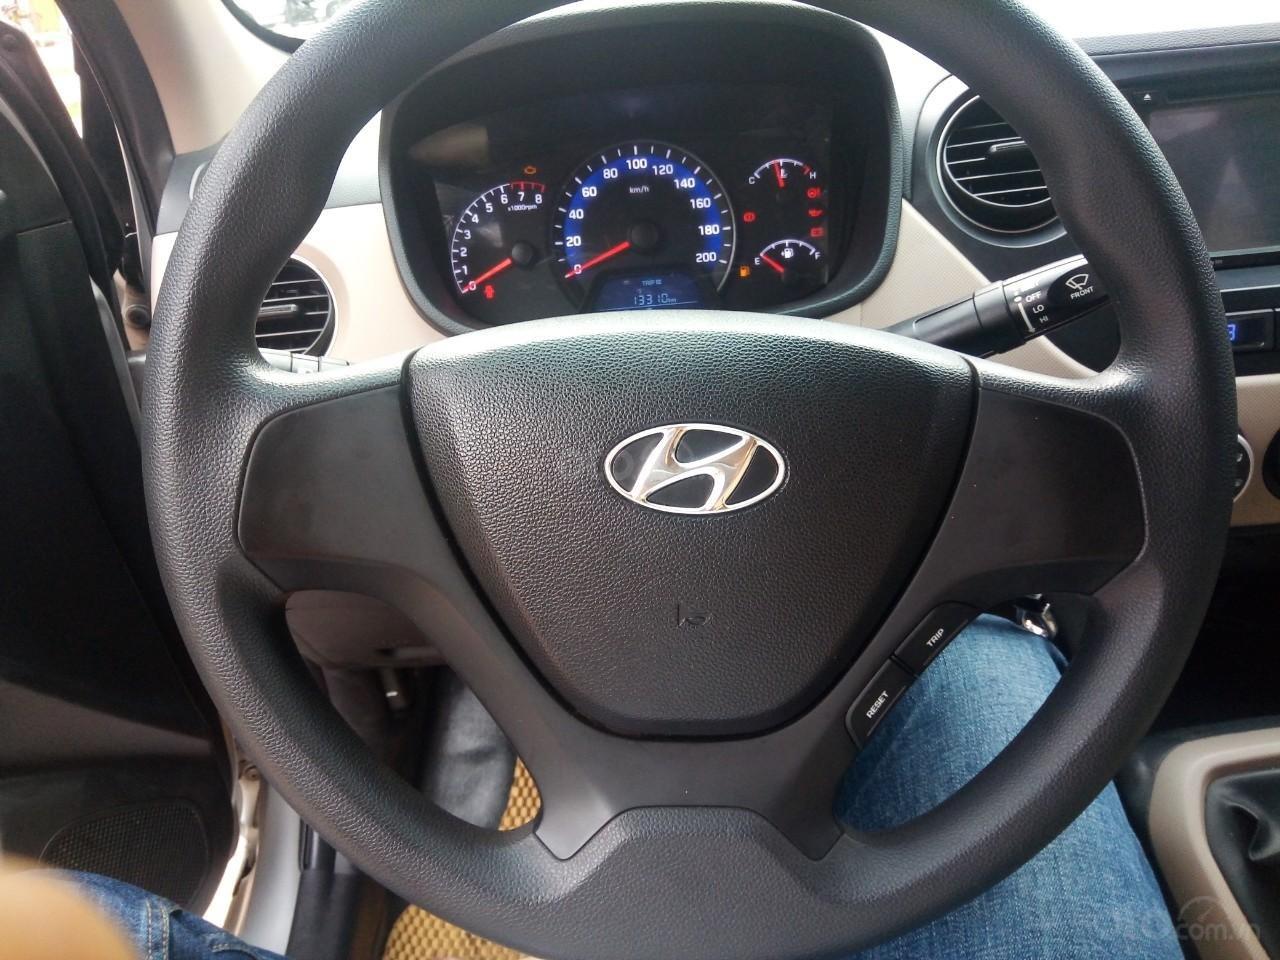 Cần bán Hyundai Grand i10 đời 2015, màu bạc, xe nhập, giá 320tr-1